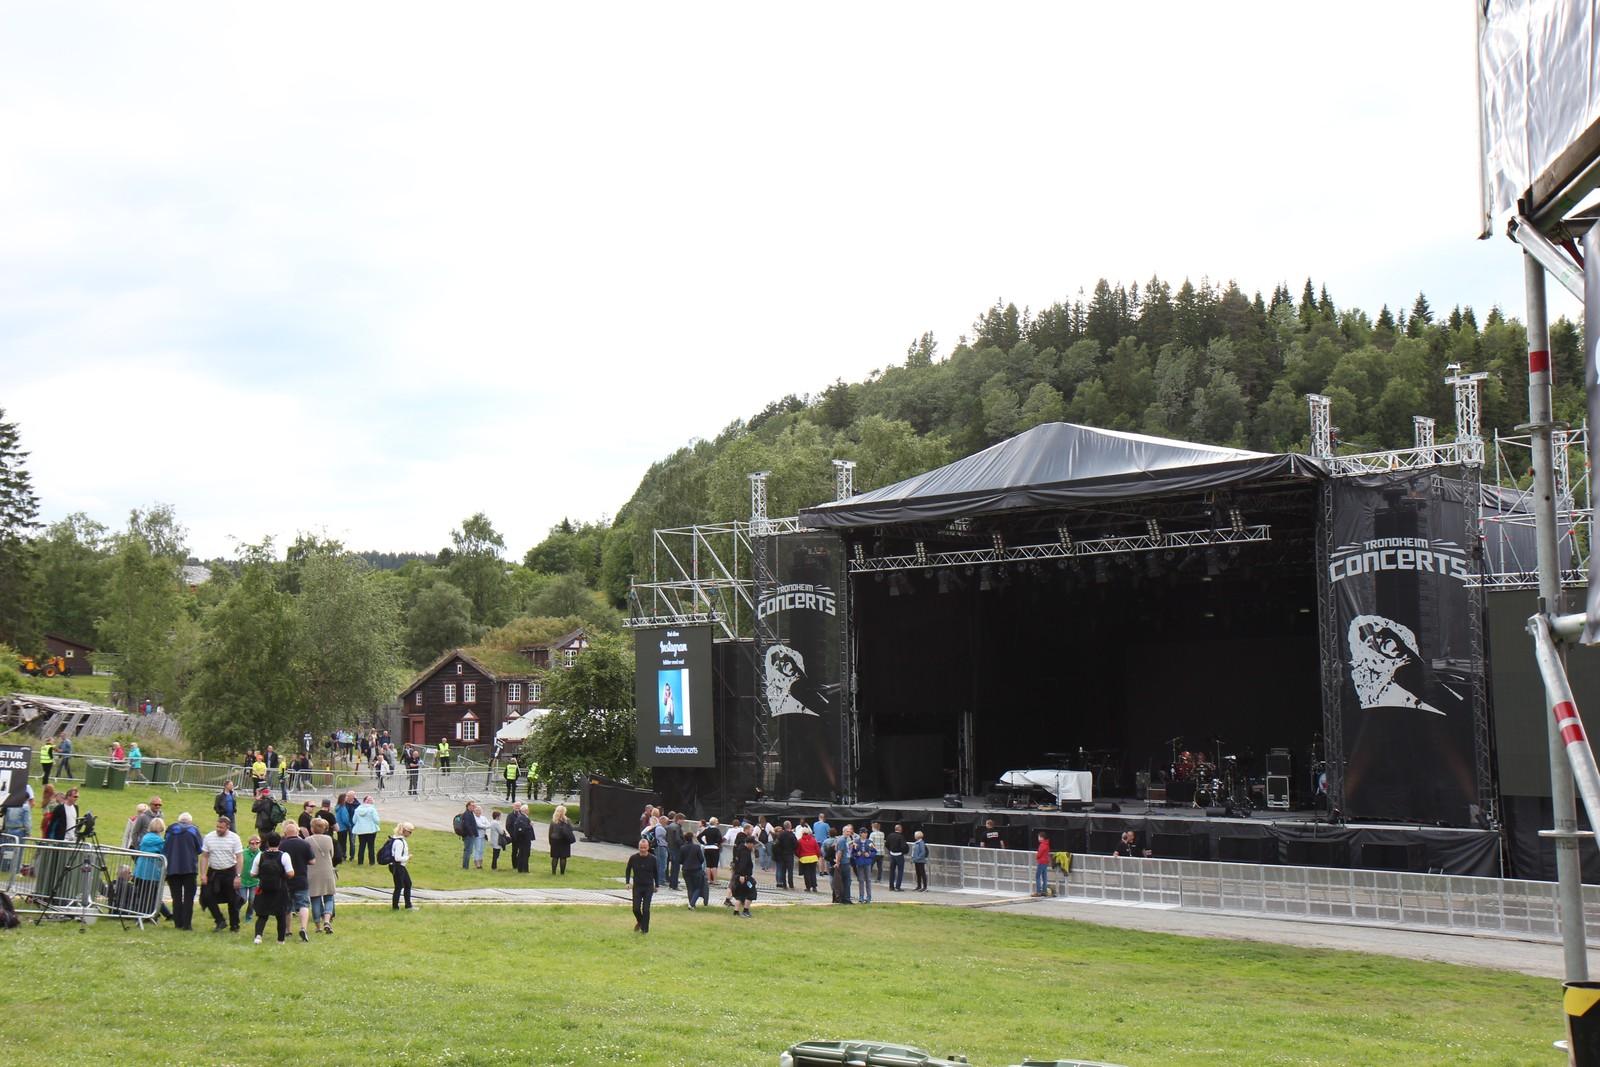 Publikum strømmer til Sverresborg og Elton John-konsert